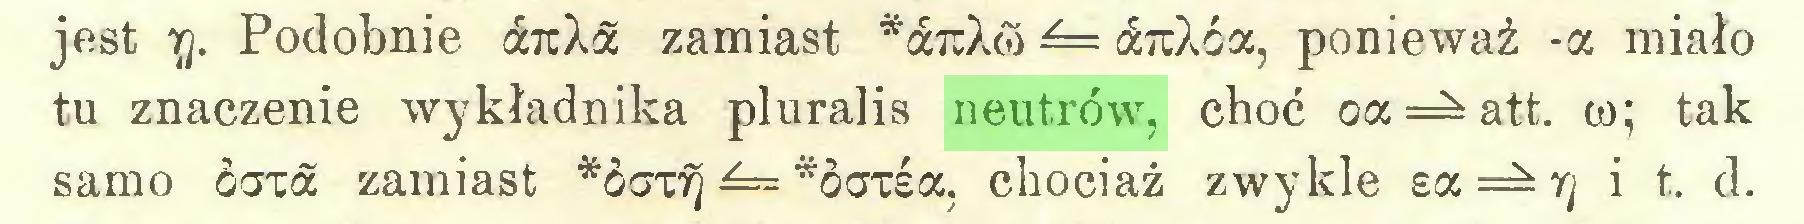 (...) jest y. Podobnie a?cXä zamiast *a7tXćo — ¿7rXóa, ponieważ -a miało tu znaczenie wykładnika pluralis neutrów, choć oa att. w; tak samo óaxa zamiast *ócrc^ *ocrcea, chociaż zwykle ea=^r/ i t. d...